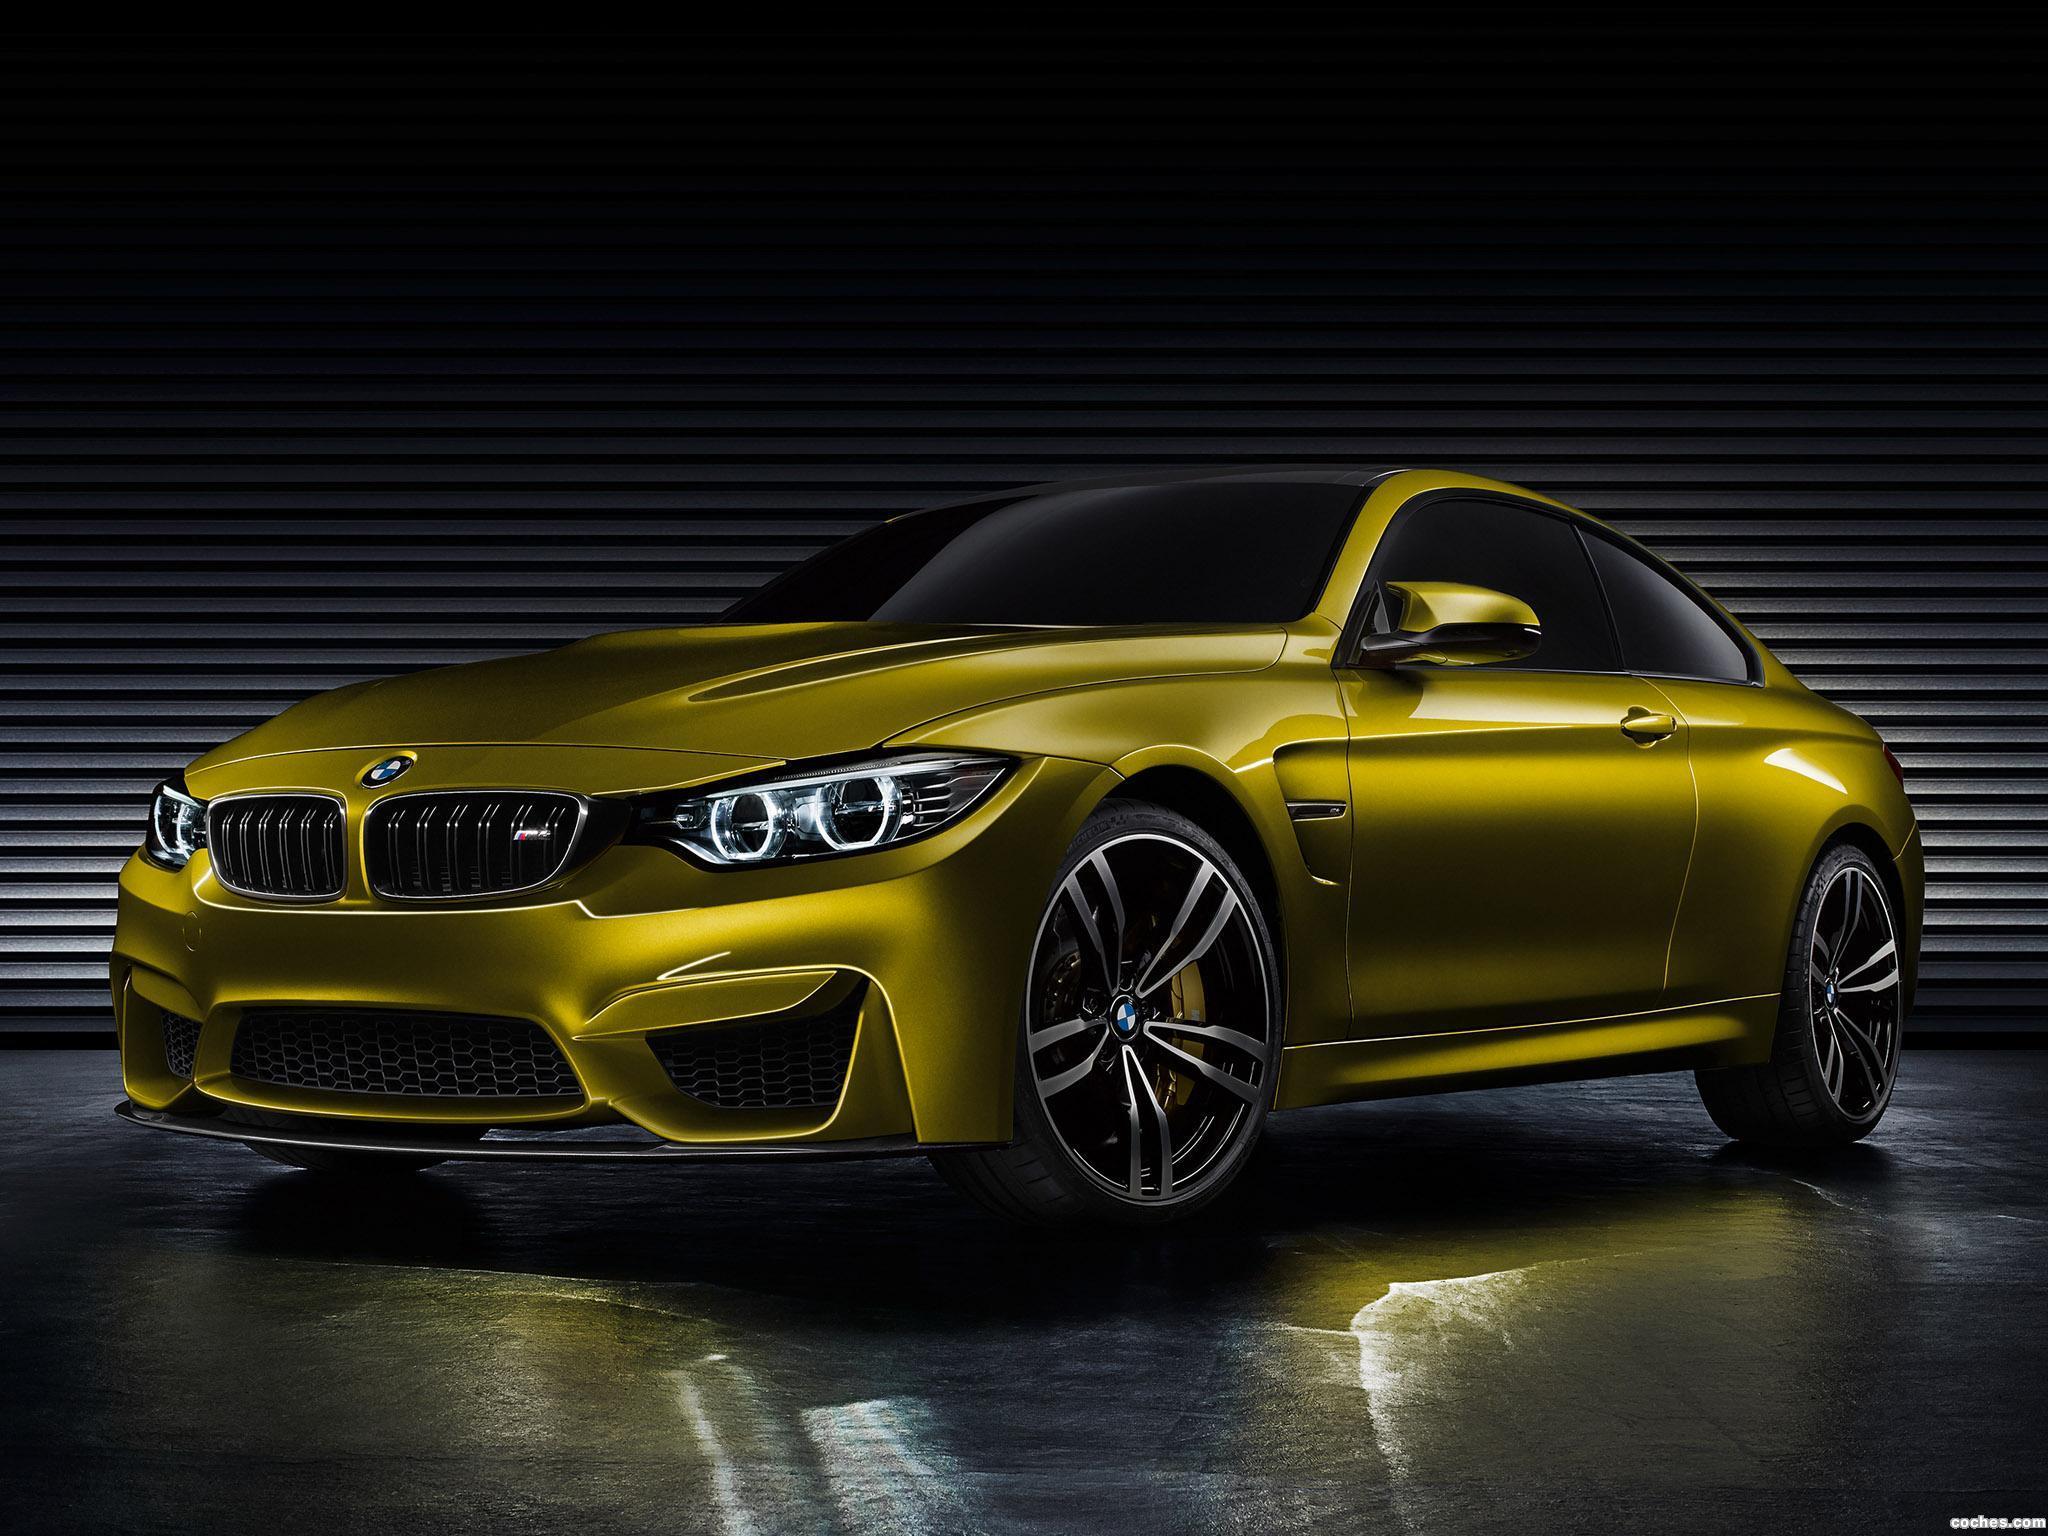 Foto 0 de BMW M4 Coupe Concept 2013